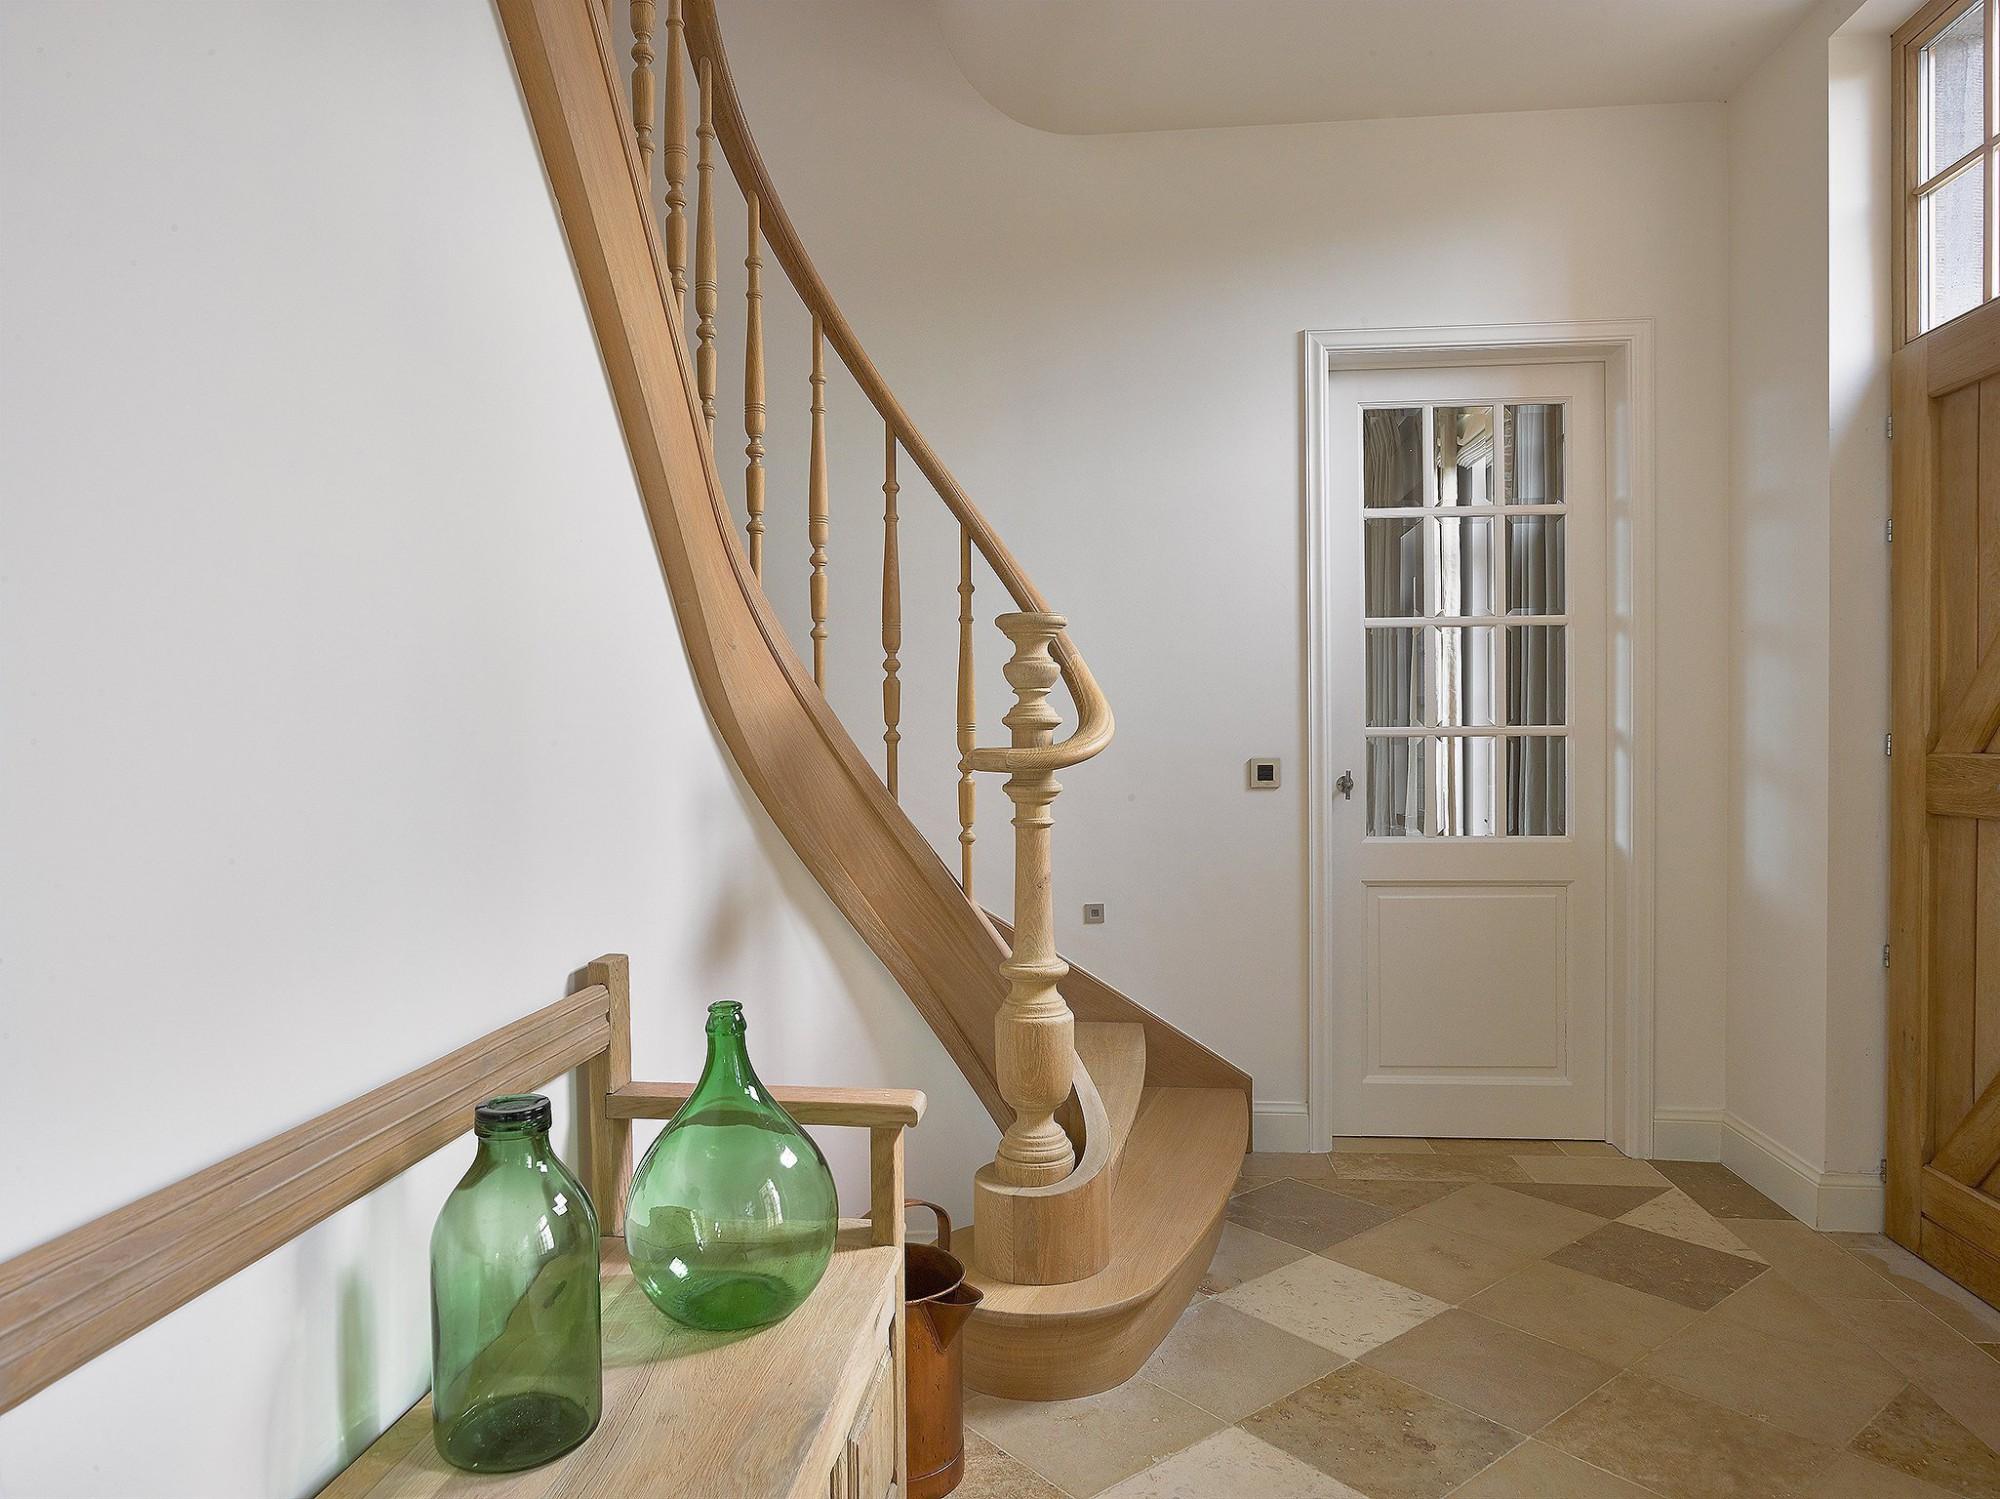 Afbeelding: Fotografie interieur - binnendeuren - trap voor Houthandel Marijnissen, interieurfotografie Foto Van Huffel.